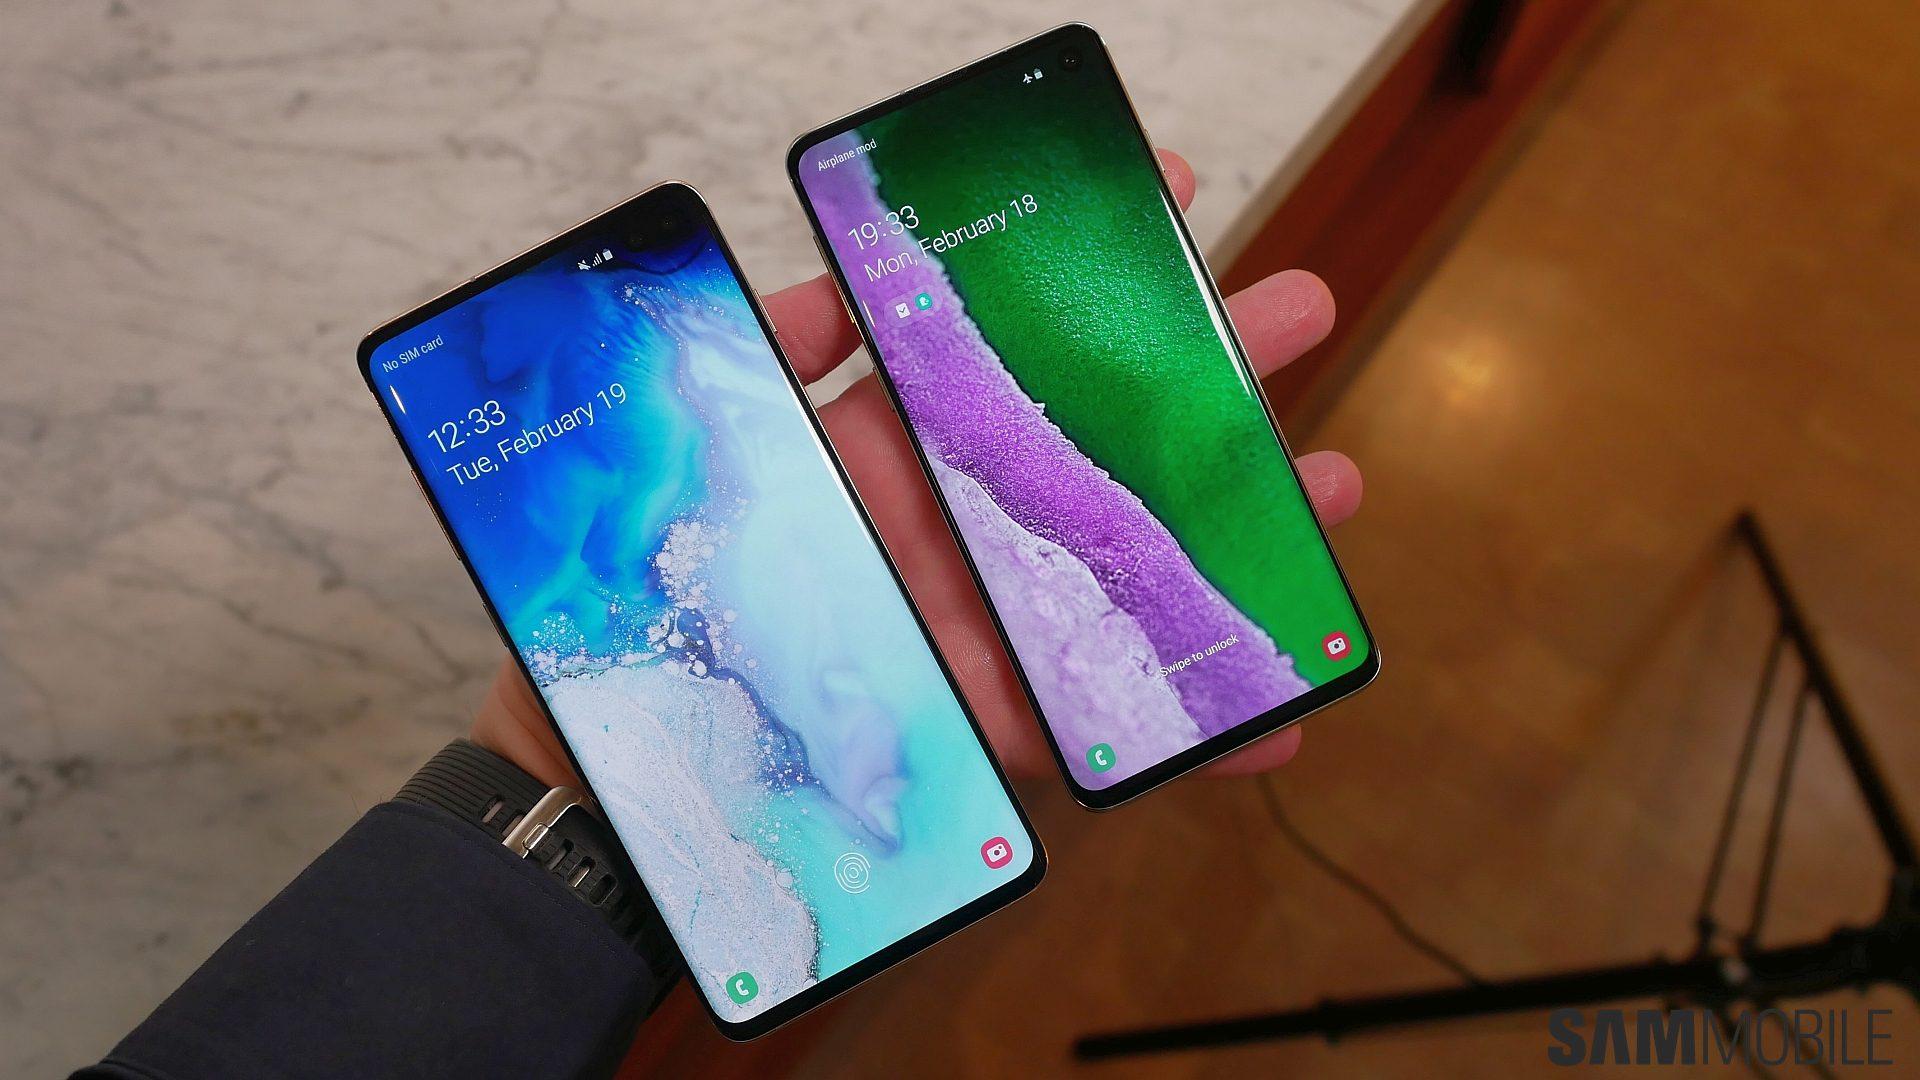 Mời bạn tải Bộ ảnh nền (Wallpapers) của Galaxy S10